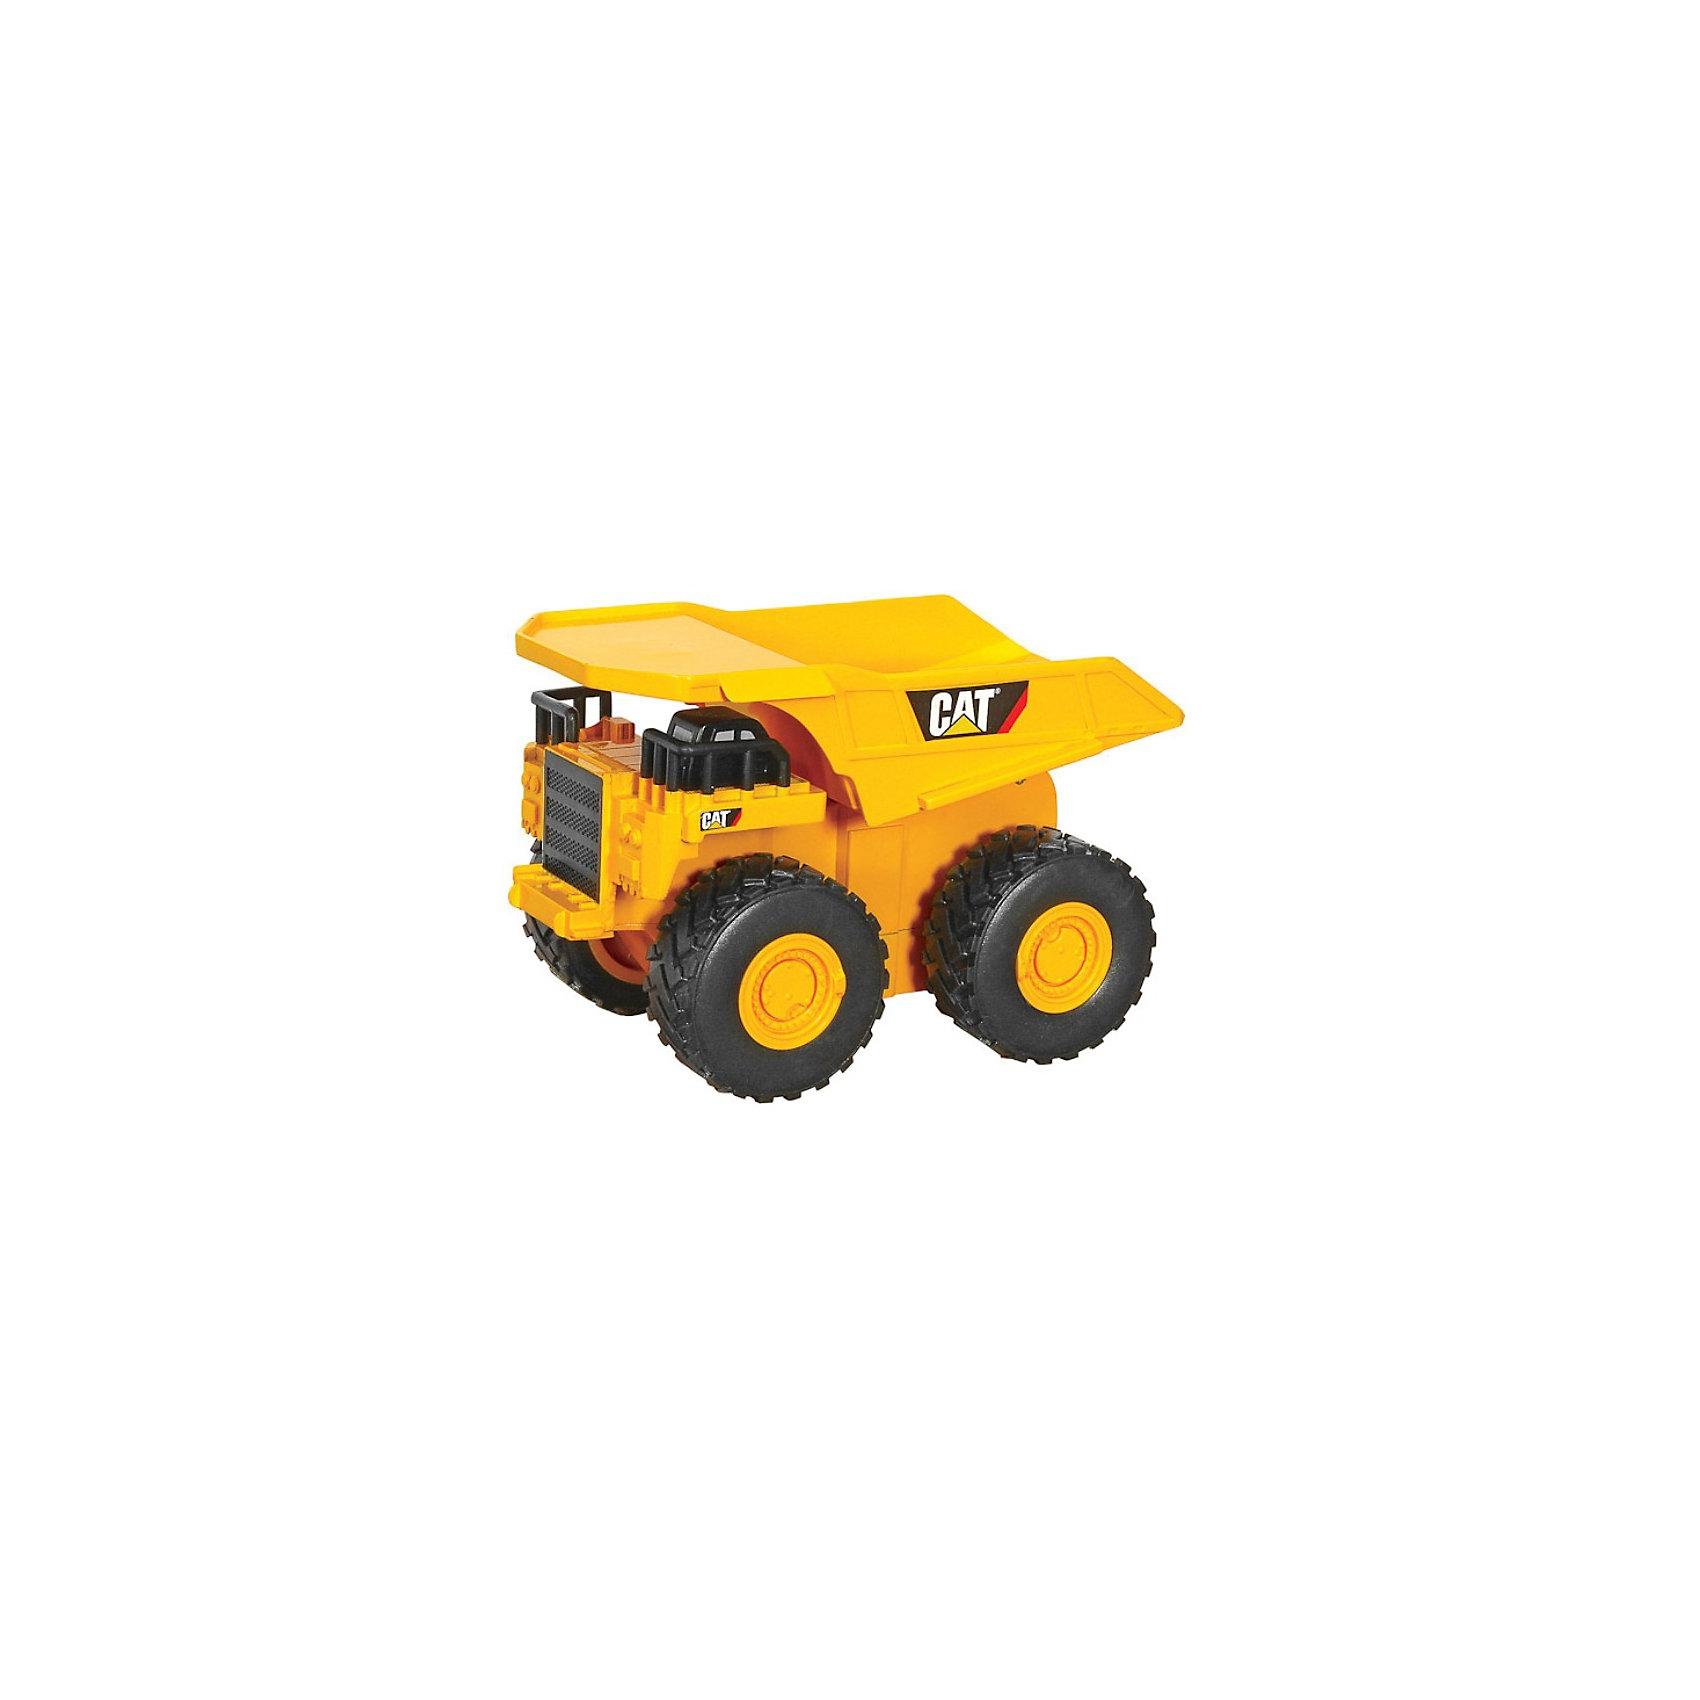 Cтроительная техника Самосвал, ToystateCтроительная техника Самосвал, Toystate – это отличный подарок для юного строителя.<br>Инерционный грузовик из серии строительная техника стилизован под огромный самосвал, который работает в карьерах всего мира и может перевезти за раз до 310 тонн породы. Машина имеет инерционный механизм. Кузов, как и в настоящего самосвала опрокидывается, что, конечно же, обрадует мальчишку - такую машинку можно взять с собой в песочницу. Игрушка выполнена из высококачественного, нетоксичного и прочного материала, что гарантирует безопасность вашего ребенка.<br><br>Дополнительная информация:<br><br>- Цвет: желтый, черный<br>- Материал: пластмасса, металл<br>- Размер упаковки: 13 х 24 х 19 см.<br>- Вес: 700 гр.<br>- Батарейки не требуются<br><br>Cтроительную технику Самосвал, Toystate можно купить в нашем интернет-магазине.<br><br>Ширина мм: 560<br>Глубина мм: 600<br>Высота мм: 250<br>Вес г: 700<br>Возраст от месяцев: 24<br>Возраст до месяцев: 60<br>Пол: Мужской<br>Возраст: Детский<br>SKU: 3665516